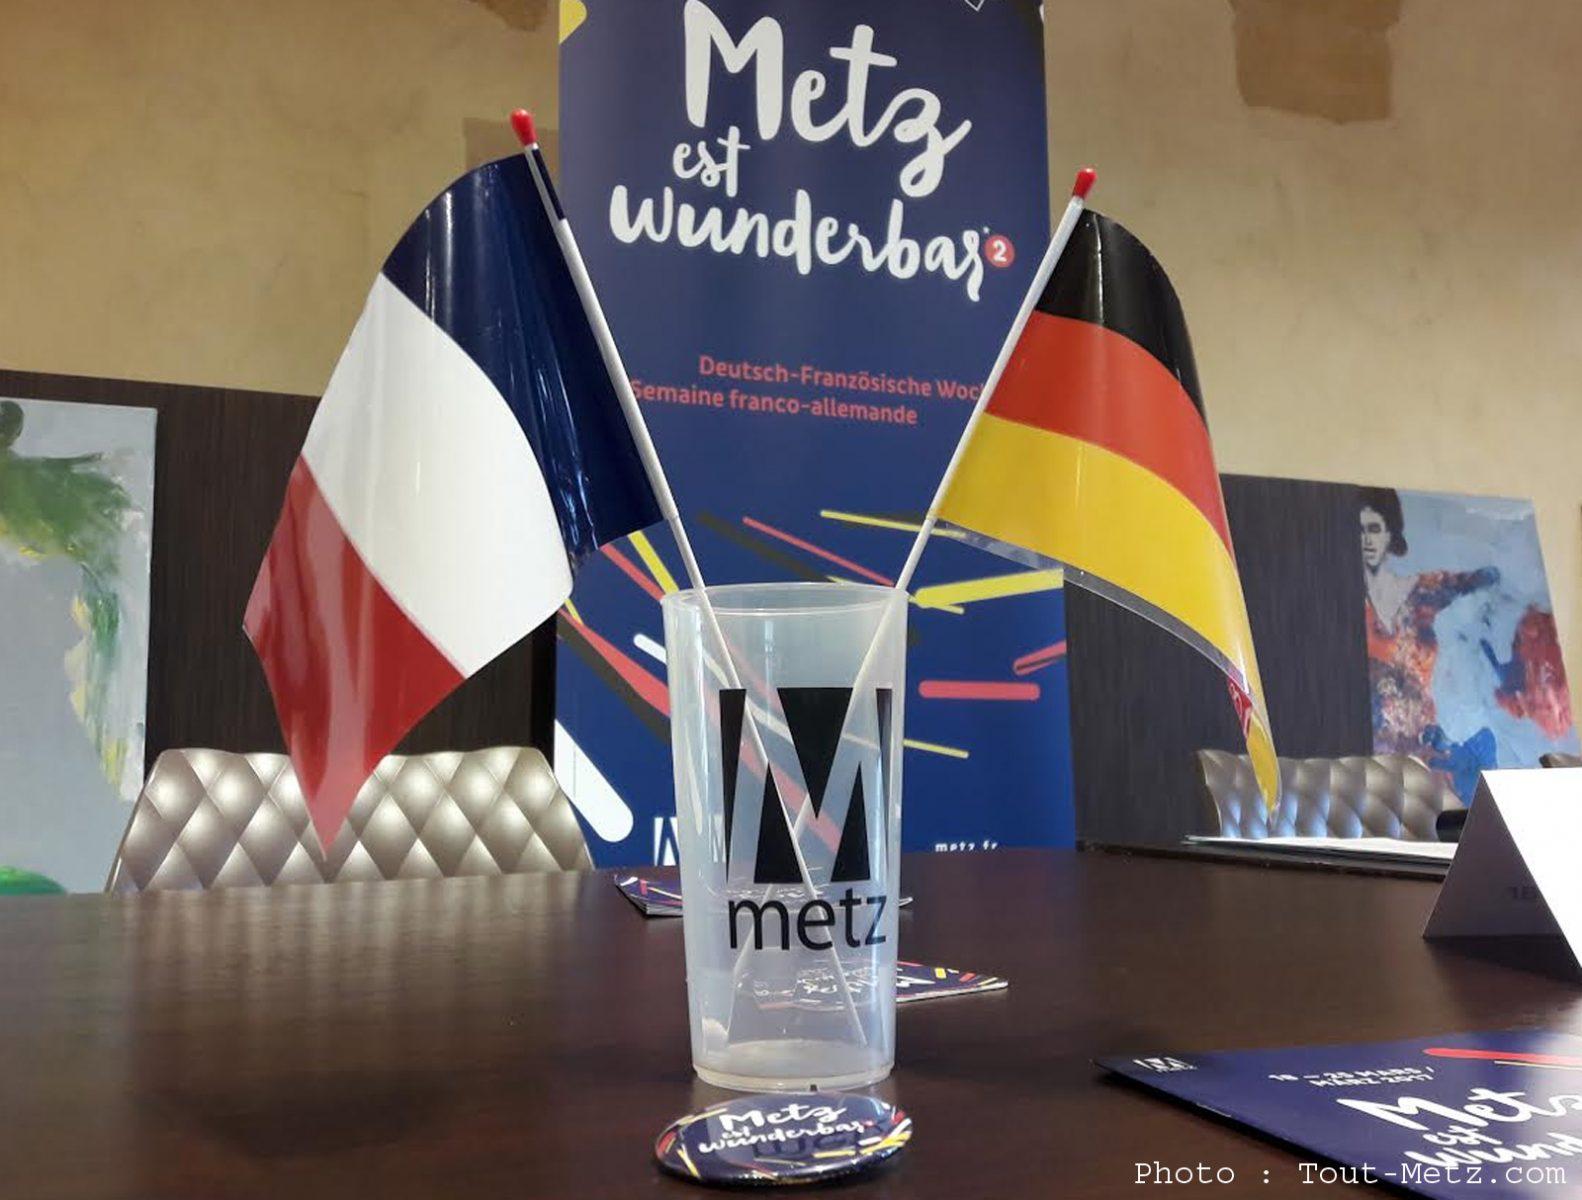 Metz est Wunderbar : au programme, 50 événements franco-allemands